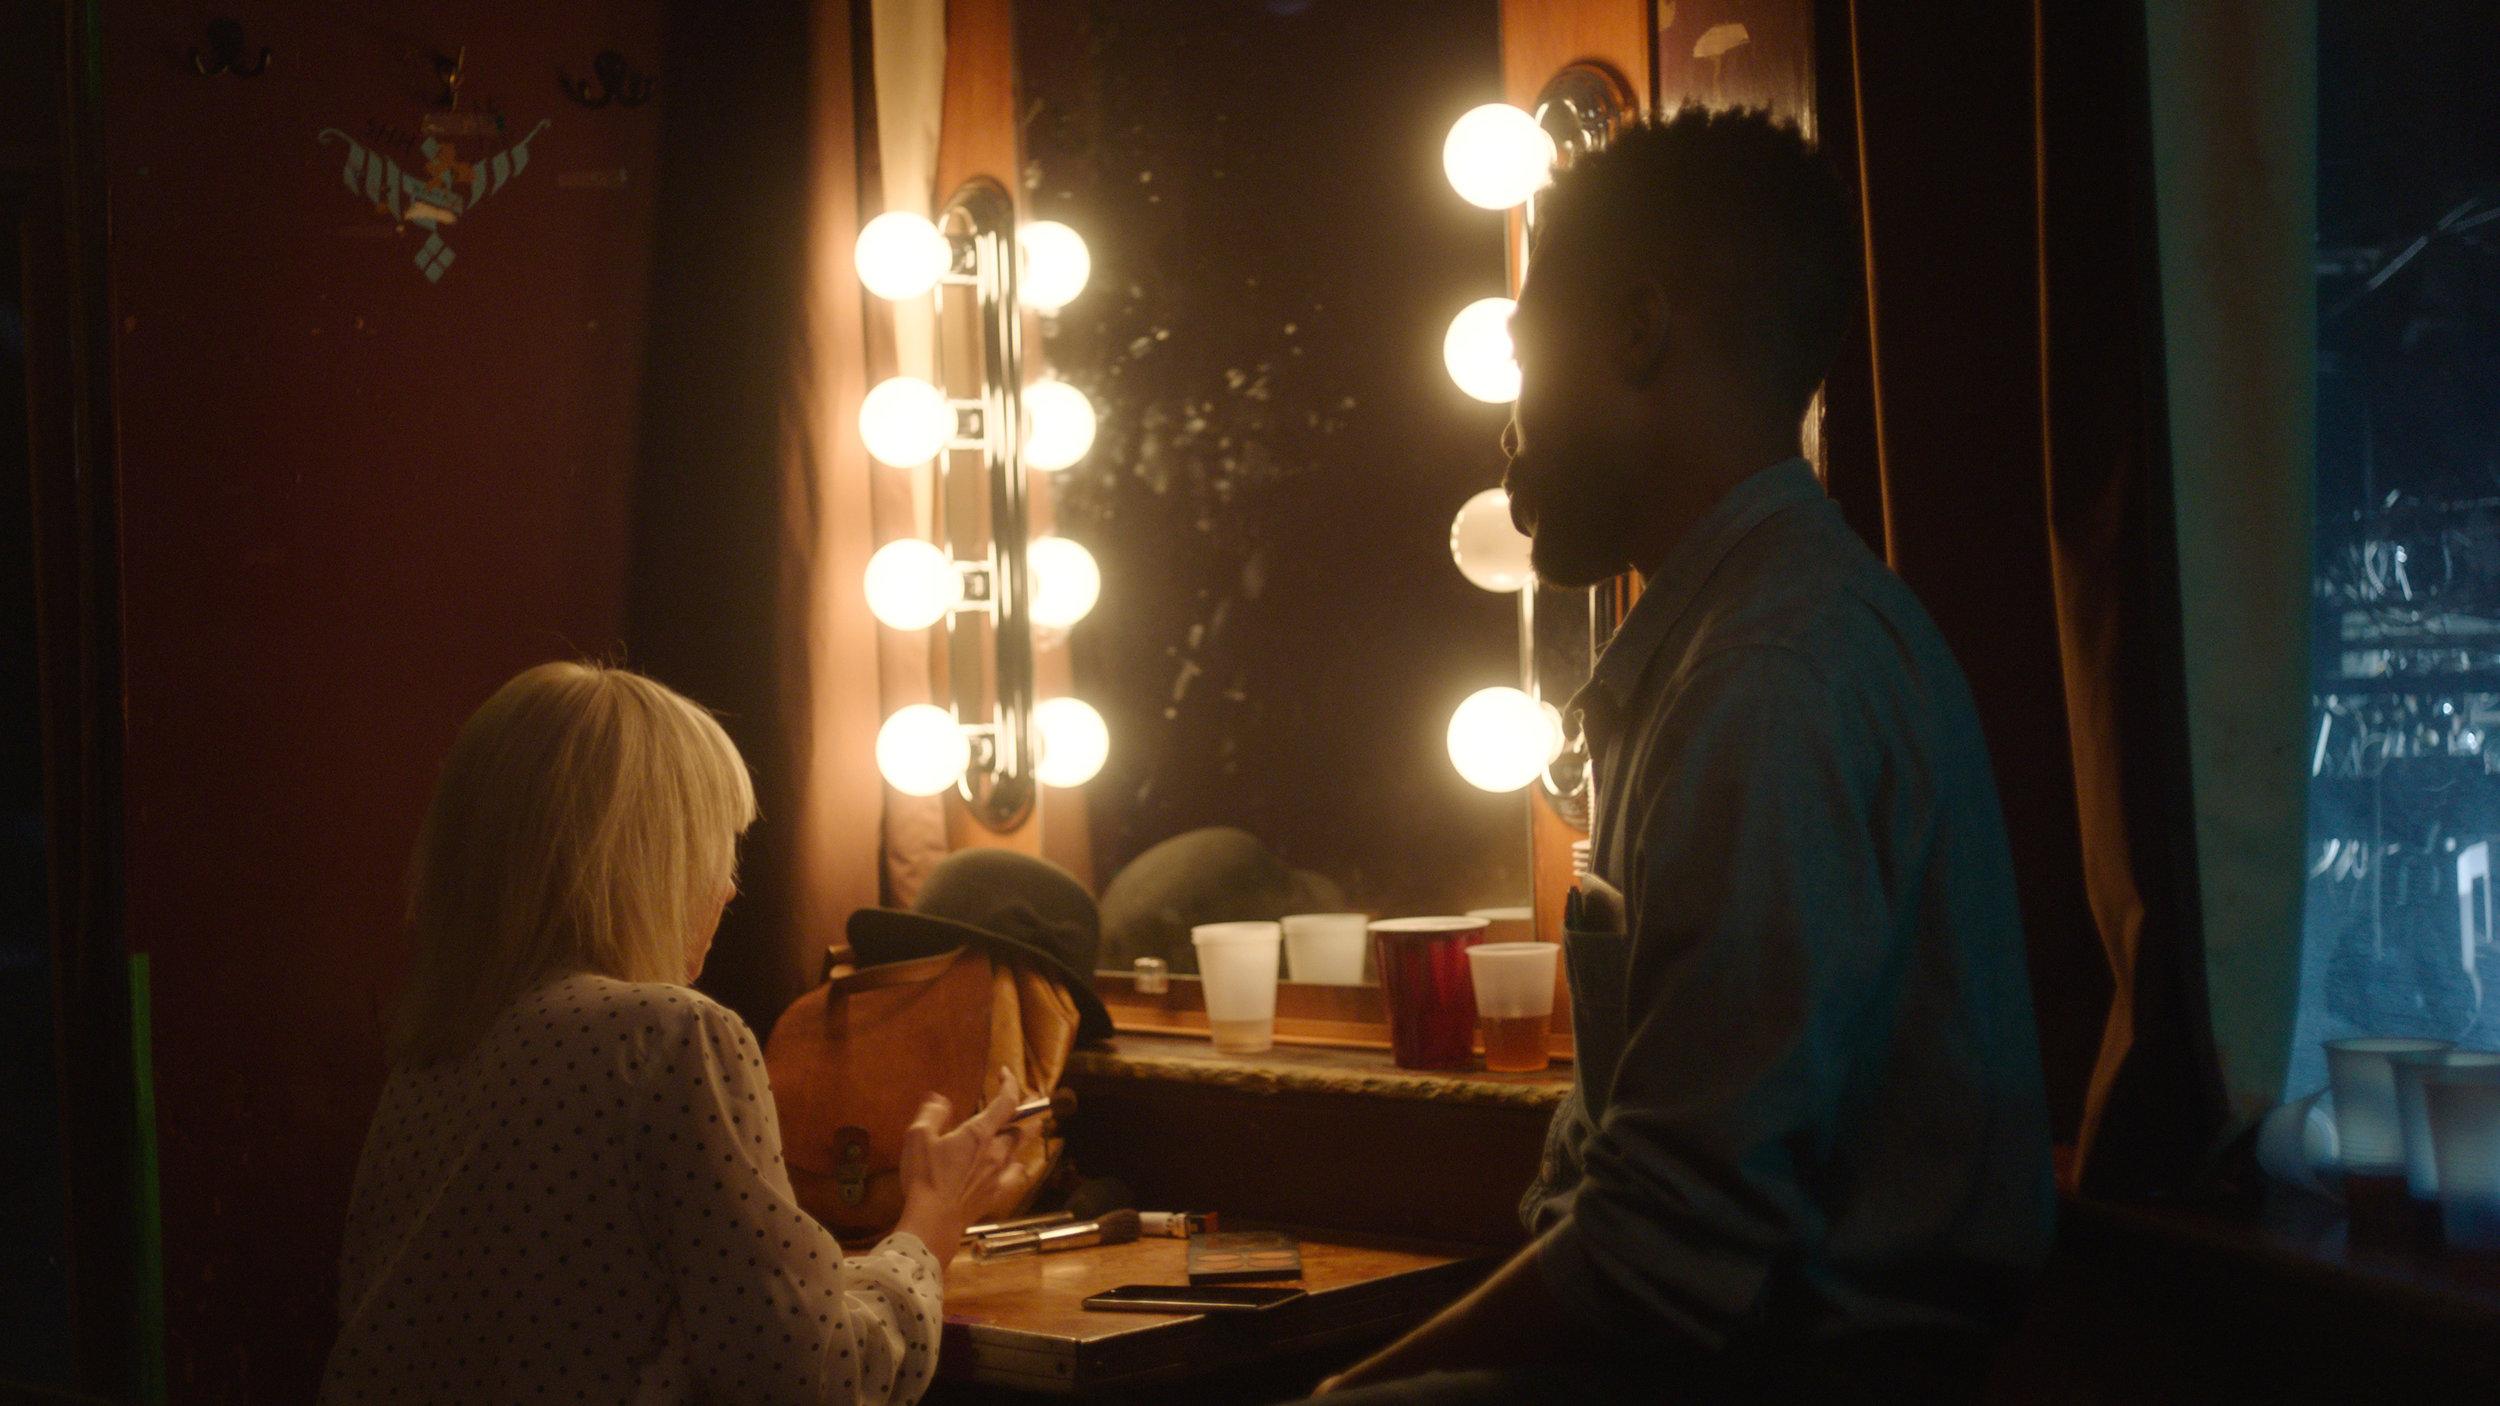 Backstage - MASTER SYNC - 0920 Copy 01.00_14_39_10.Still011.jpg